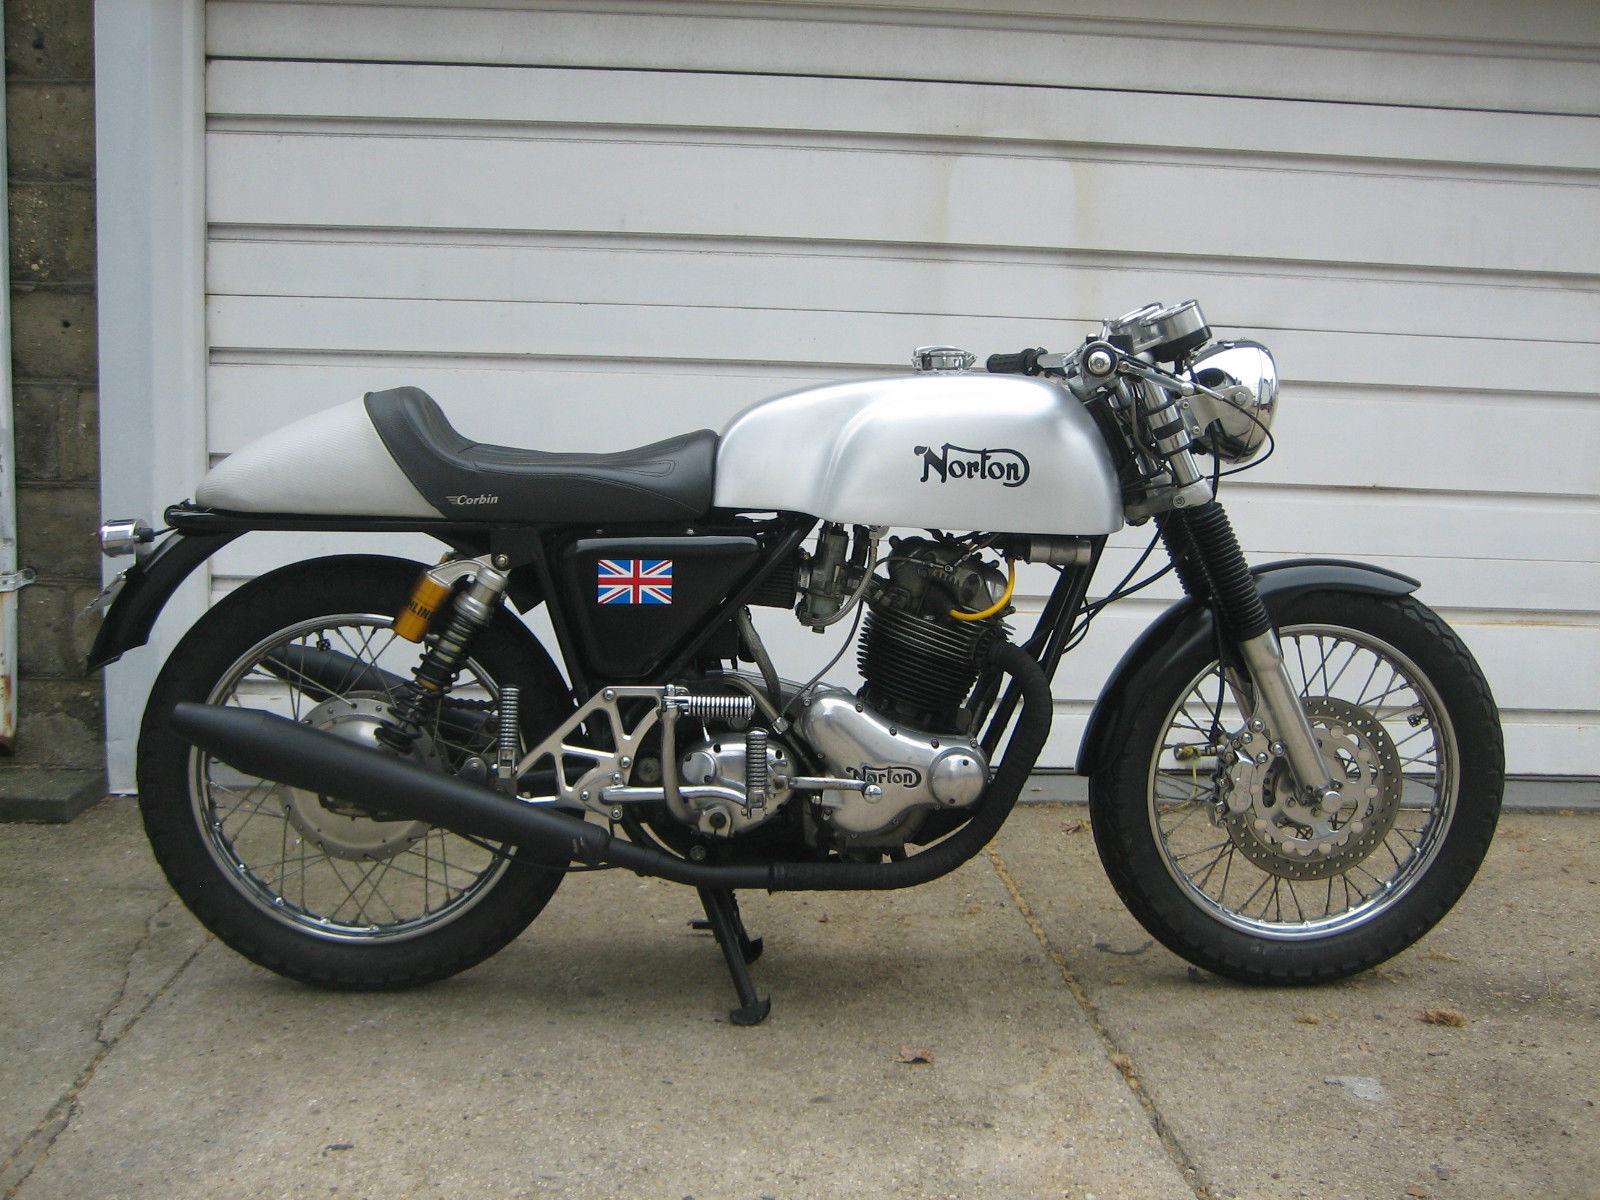 1972 Norton Commando Combat Cafe Racer Bike Urious